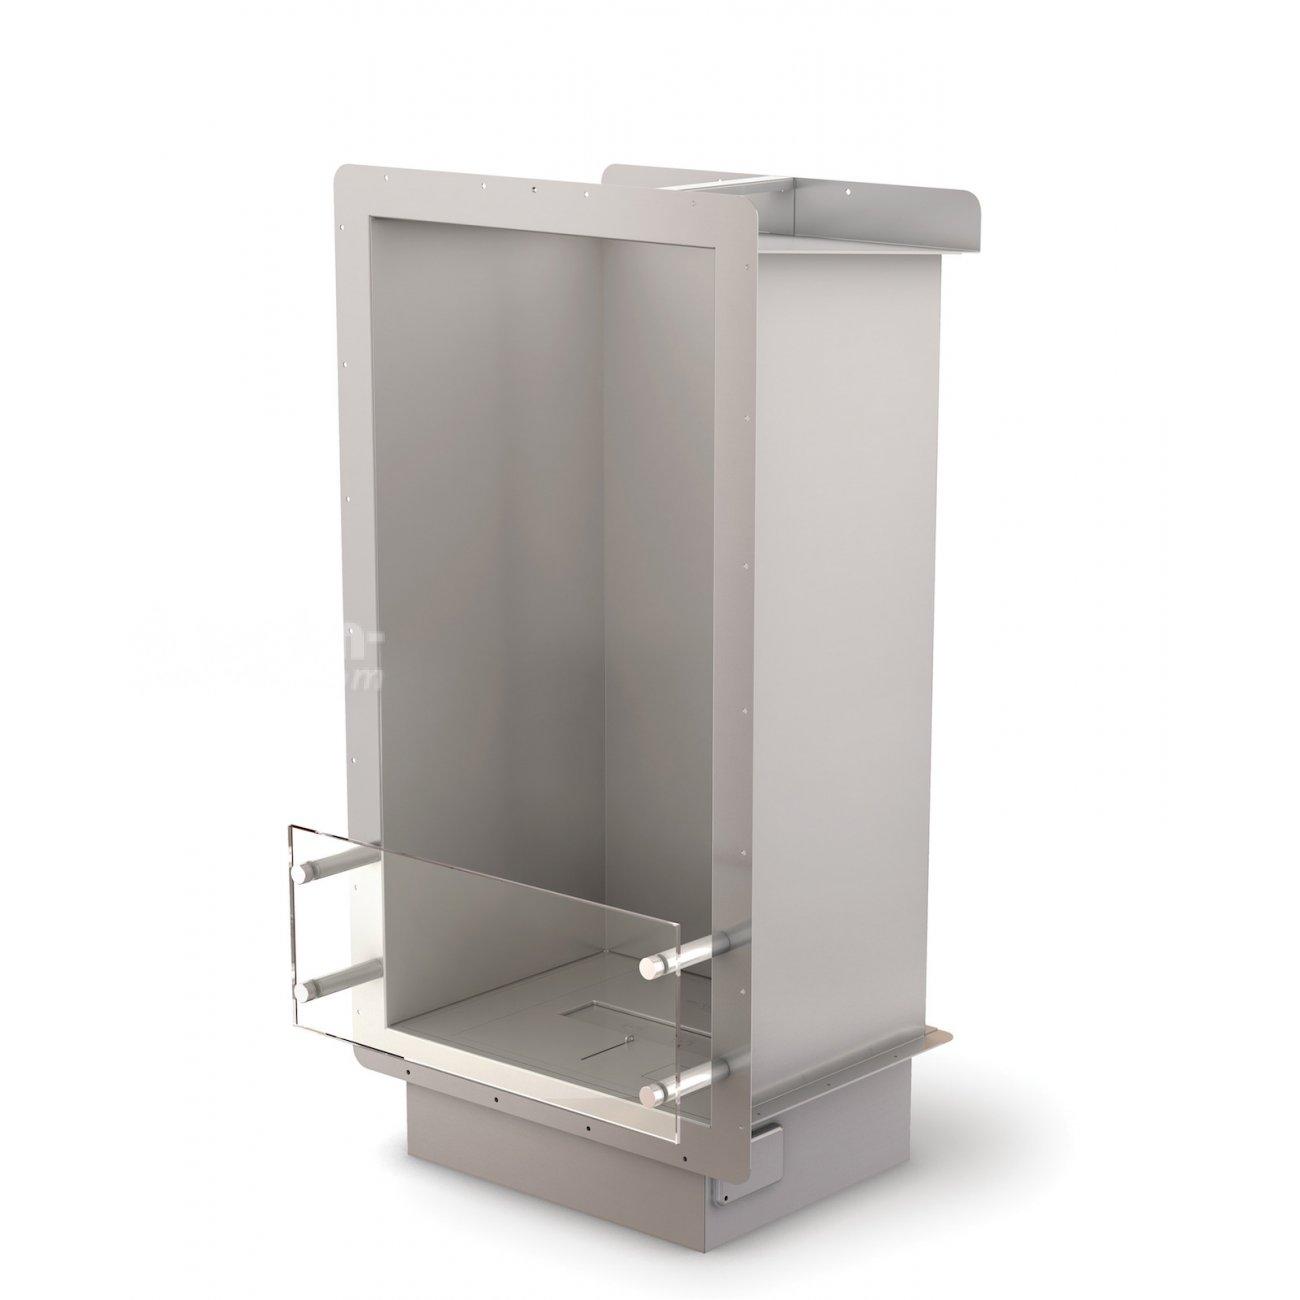 ecosmart firebox renovator brennkammer zum einbauen s serie. Black Bedroom Furniture Sets. Home Design Ideas